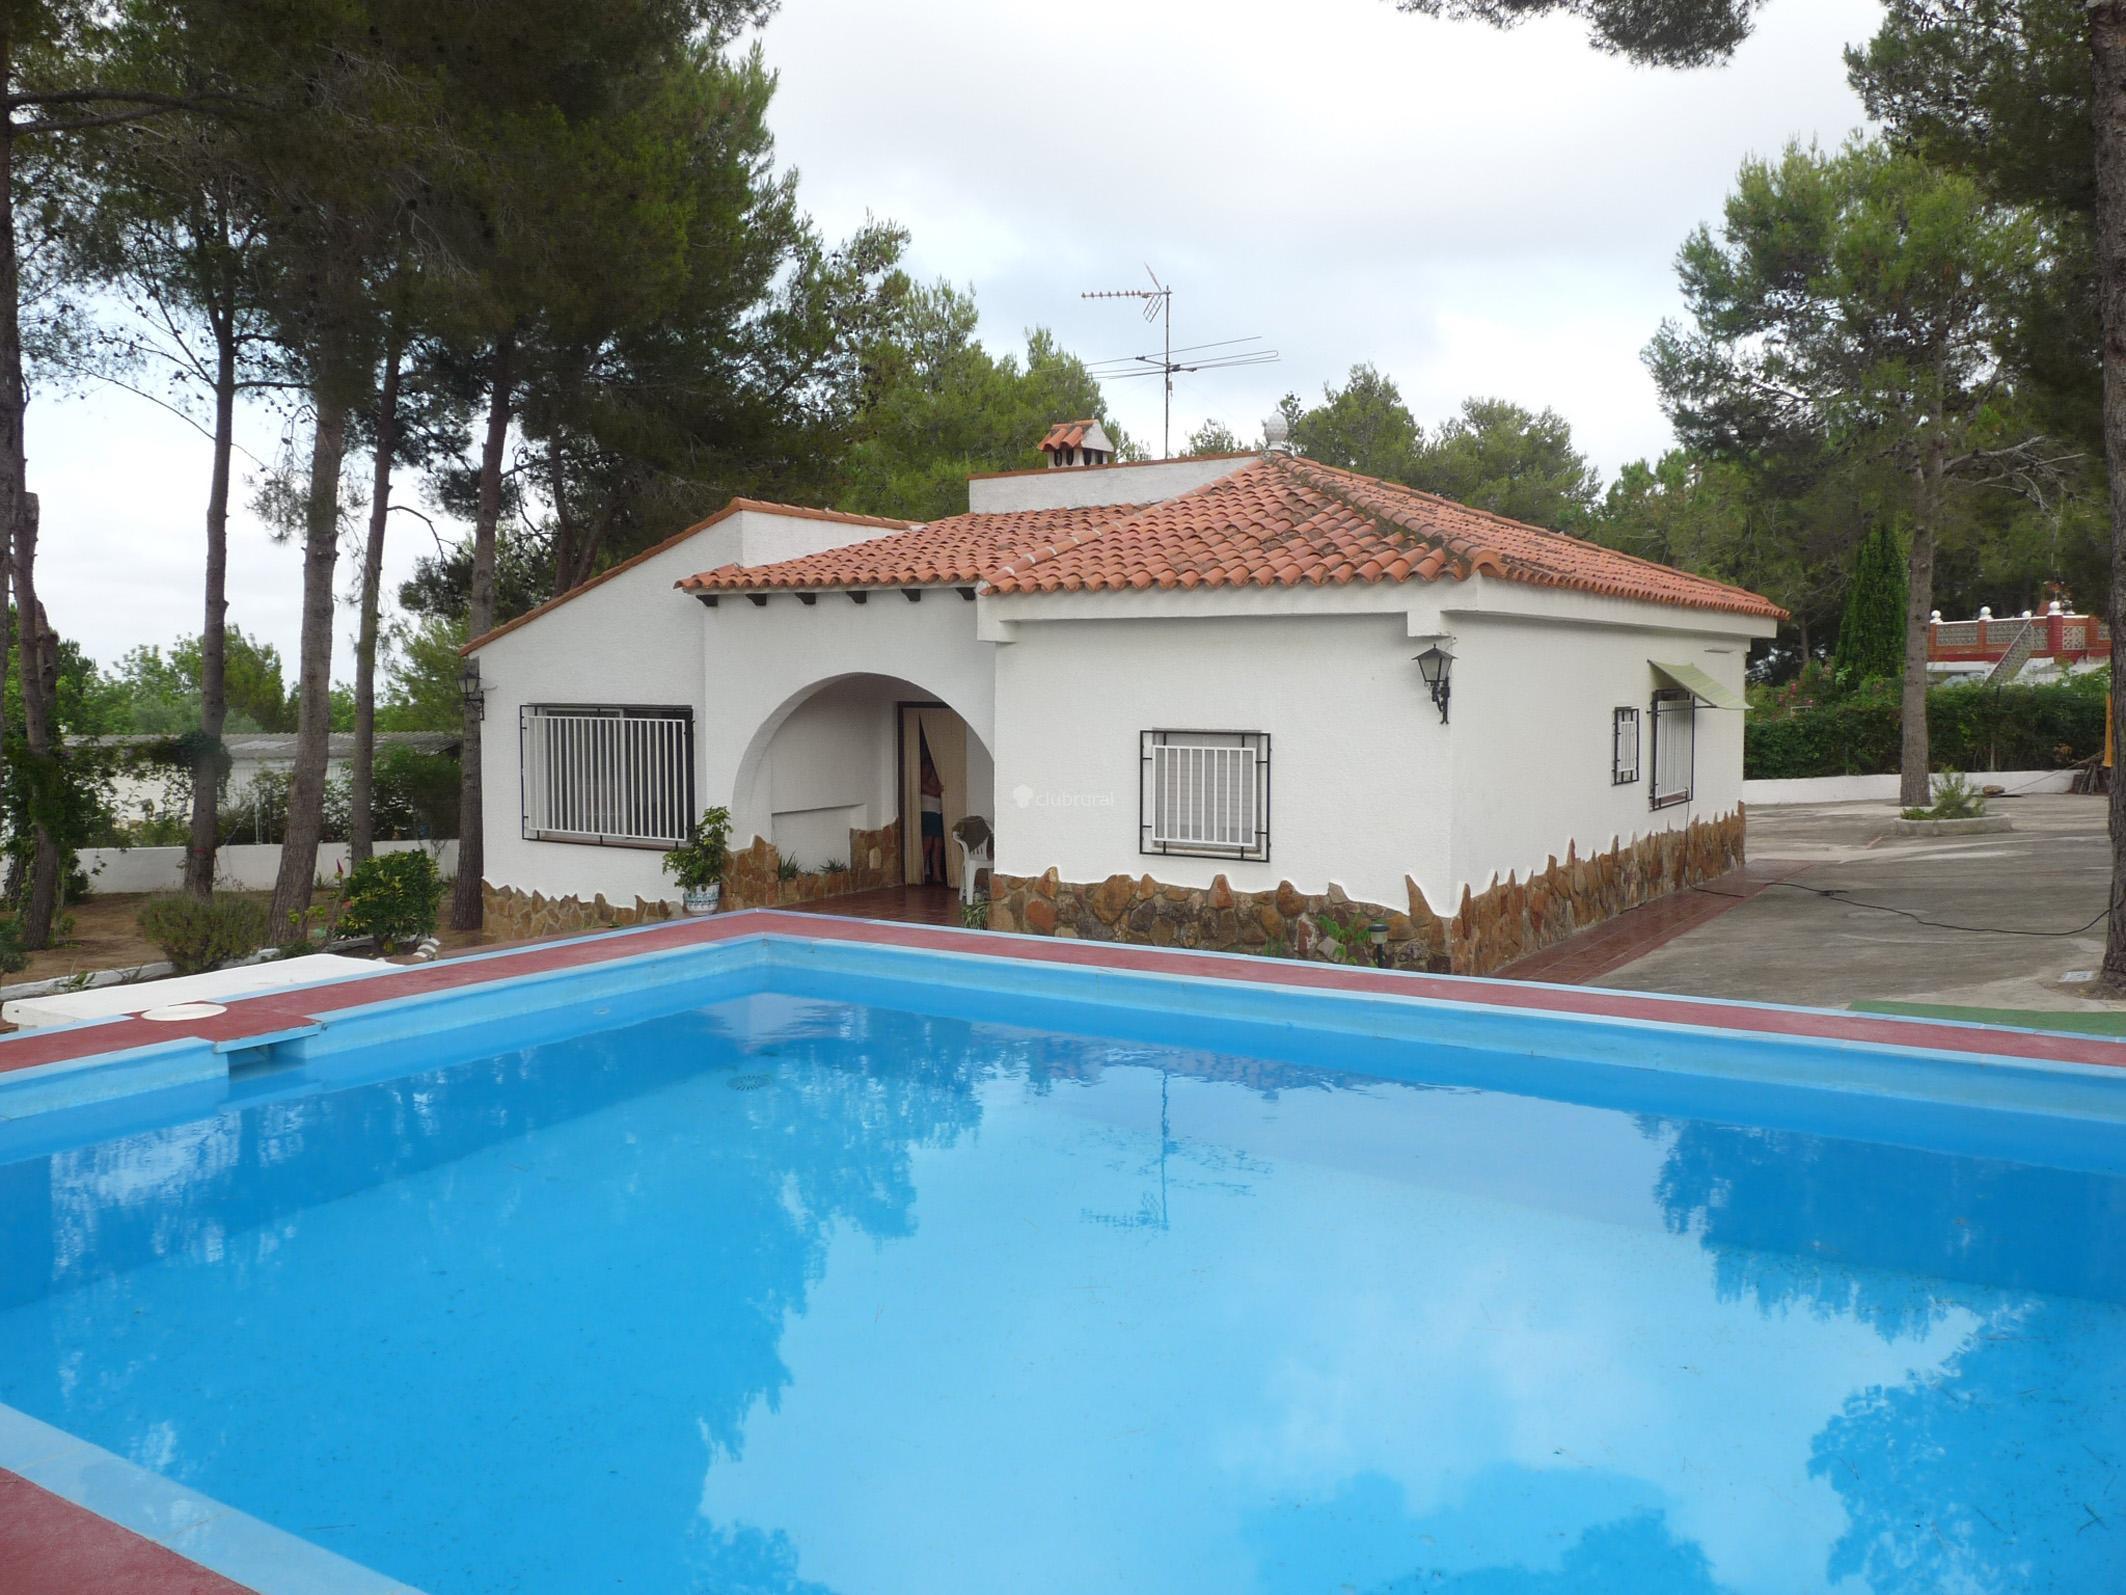 Fotos de casa julio el manantial valencia monserrat clubrural - Ofertas casas rurales valencia ...